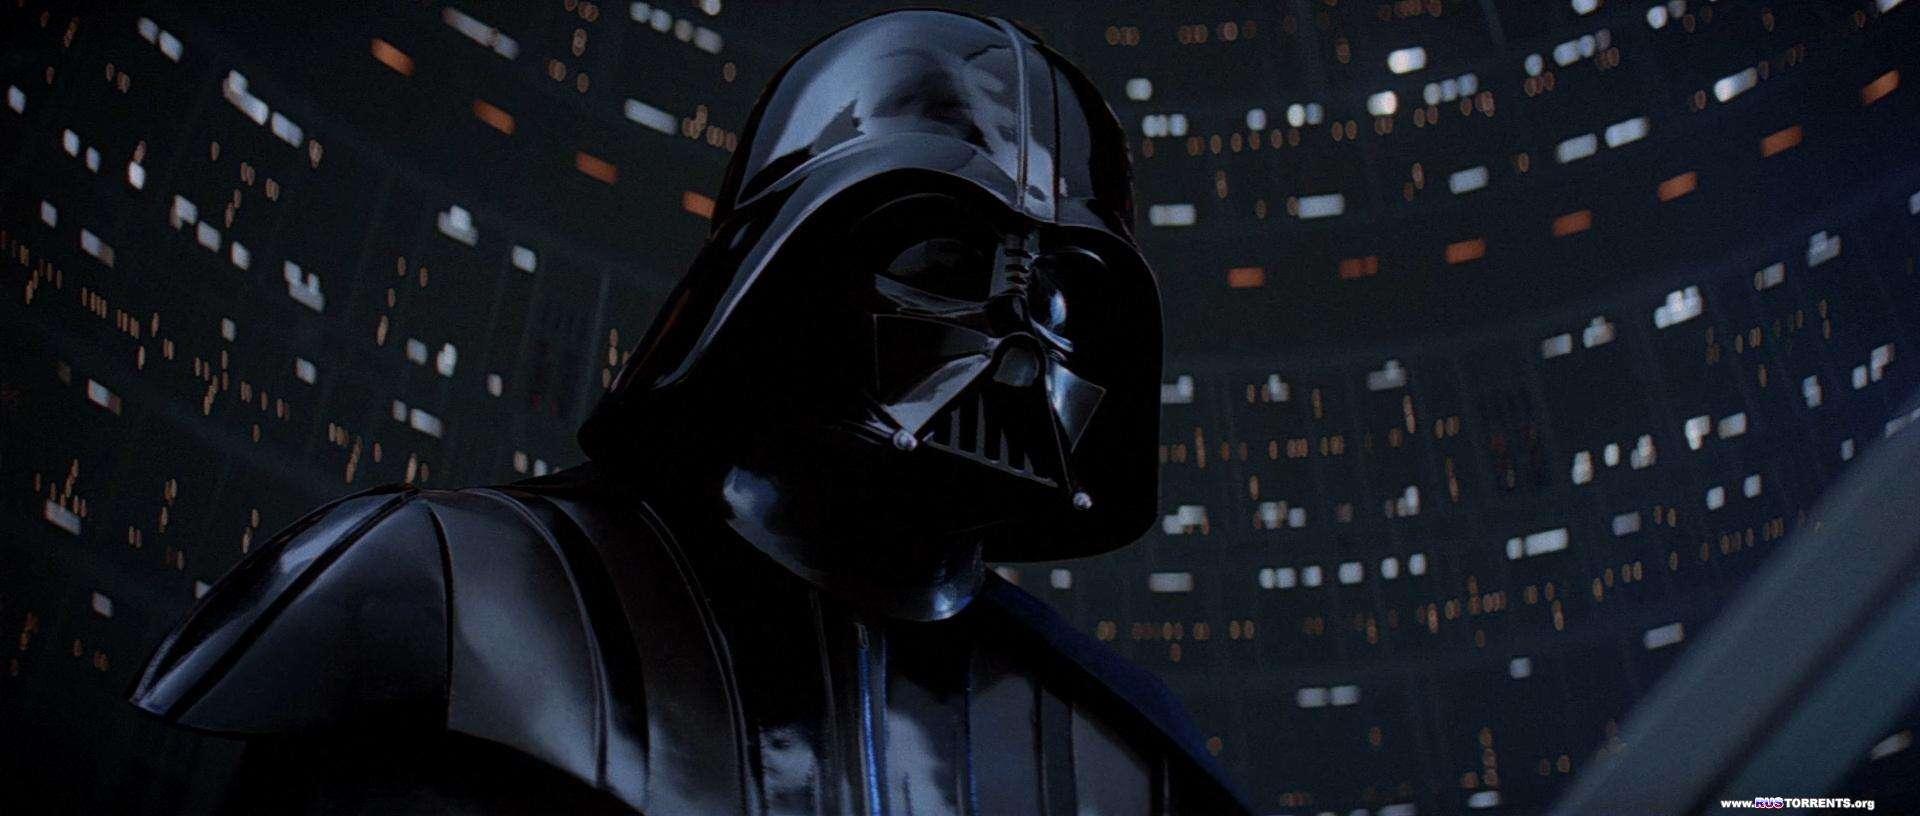 Звездные войны: Эпизод 5 - Империя наносит ответный удар | BDRip 1080p